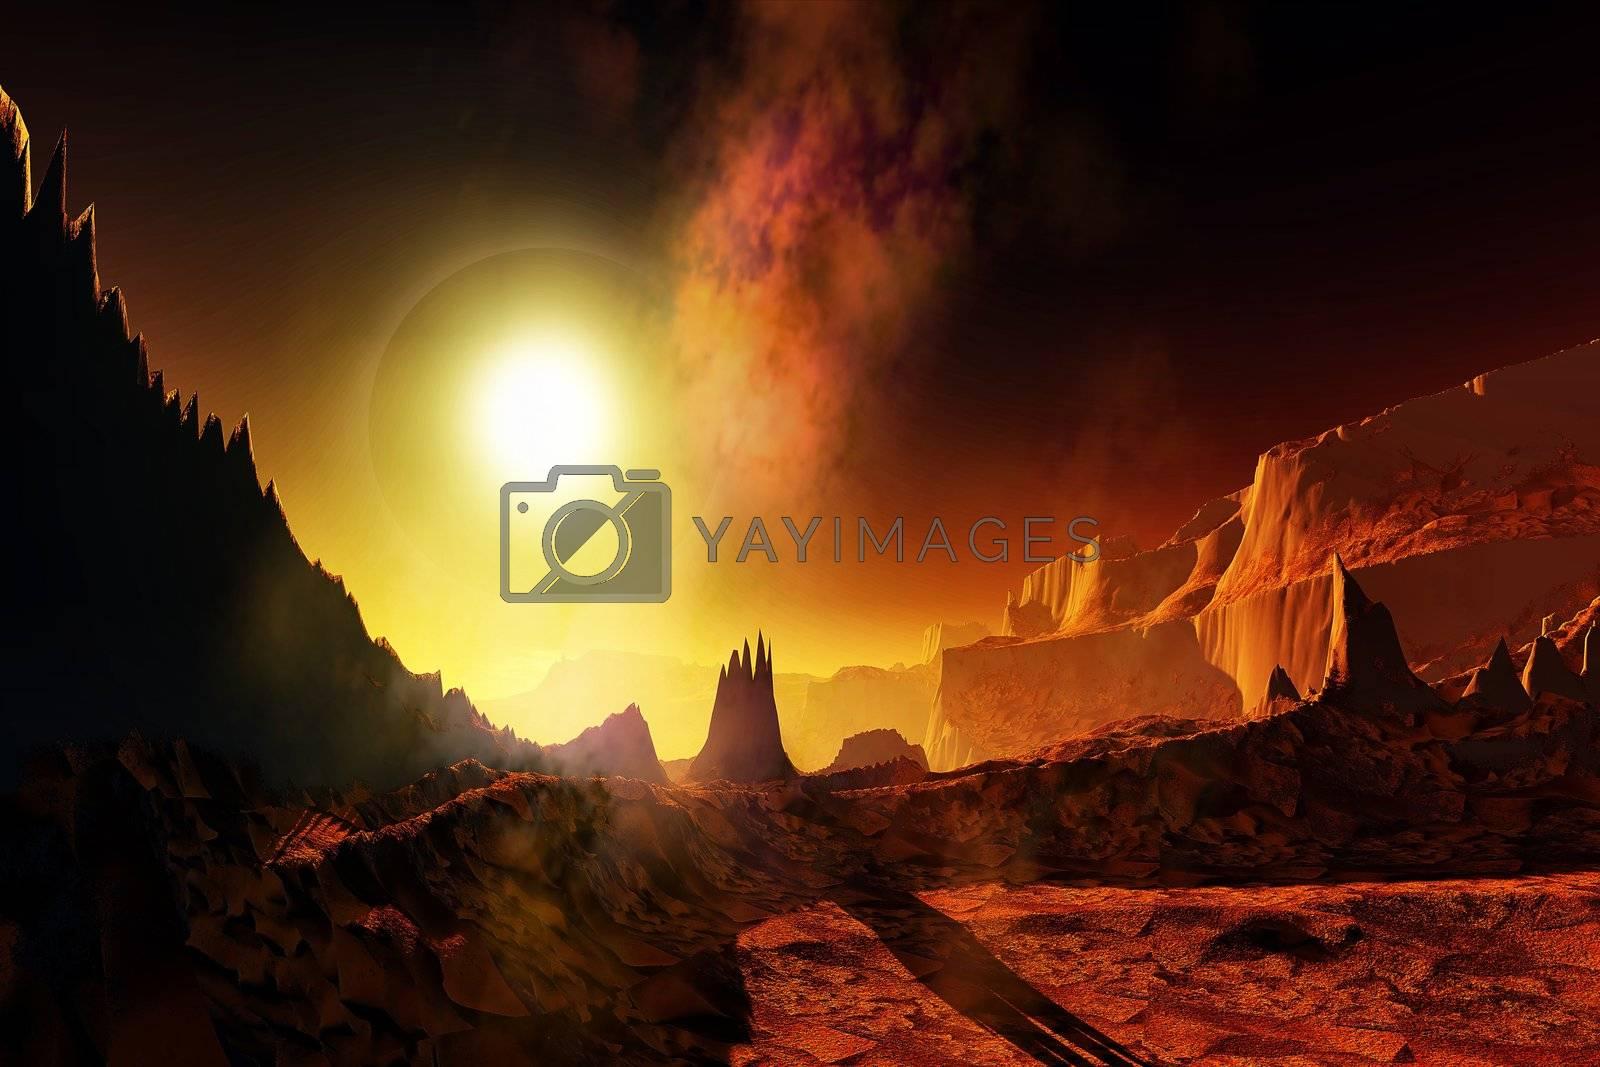 A large sun heats this alien planet.